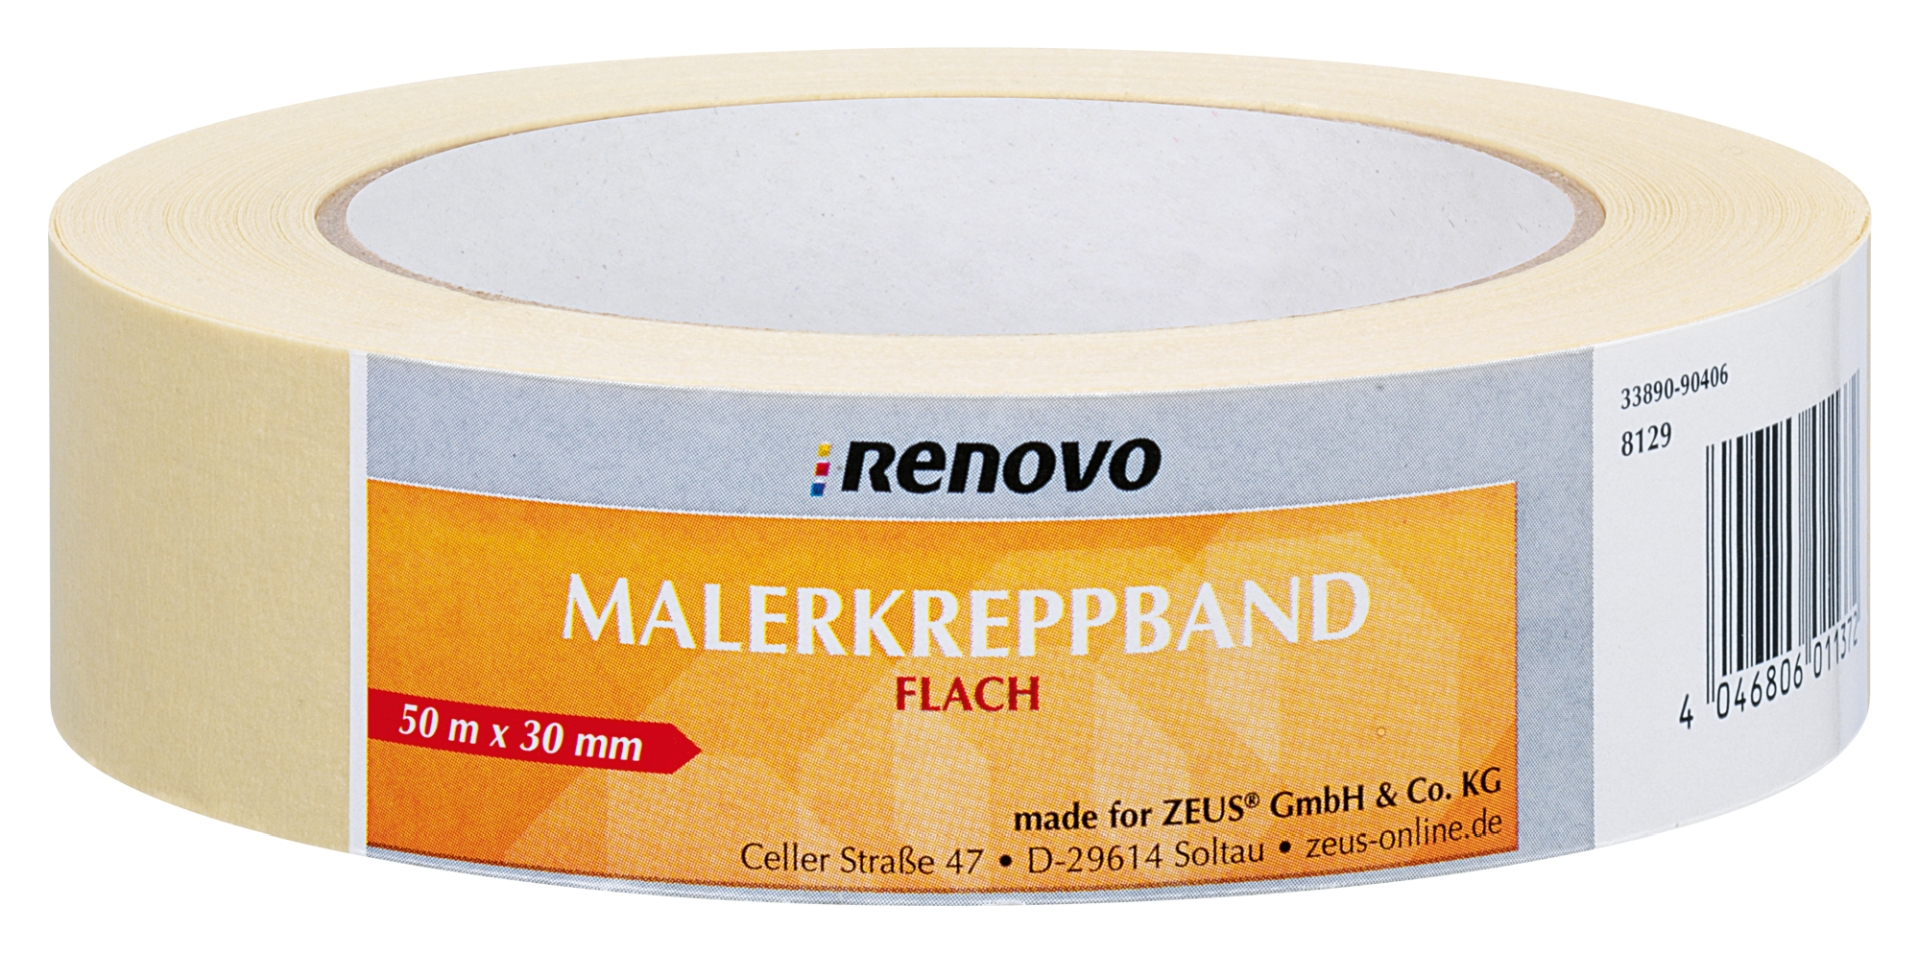 RENOVO Malerkreppband, hohe Nassfestigkeit, 50 m x 30 mm